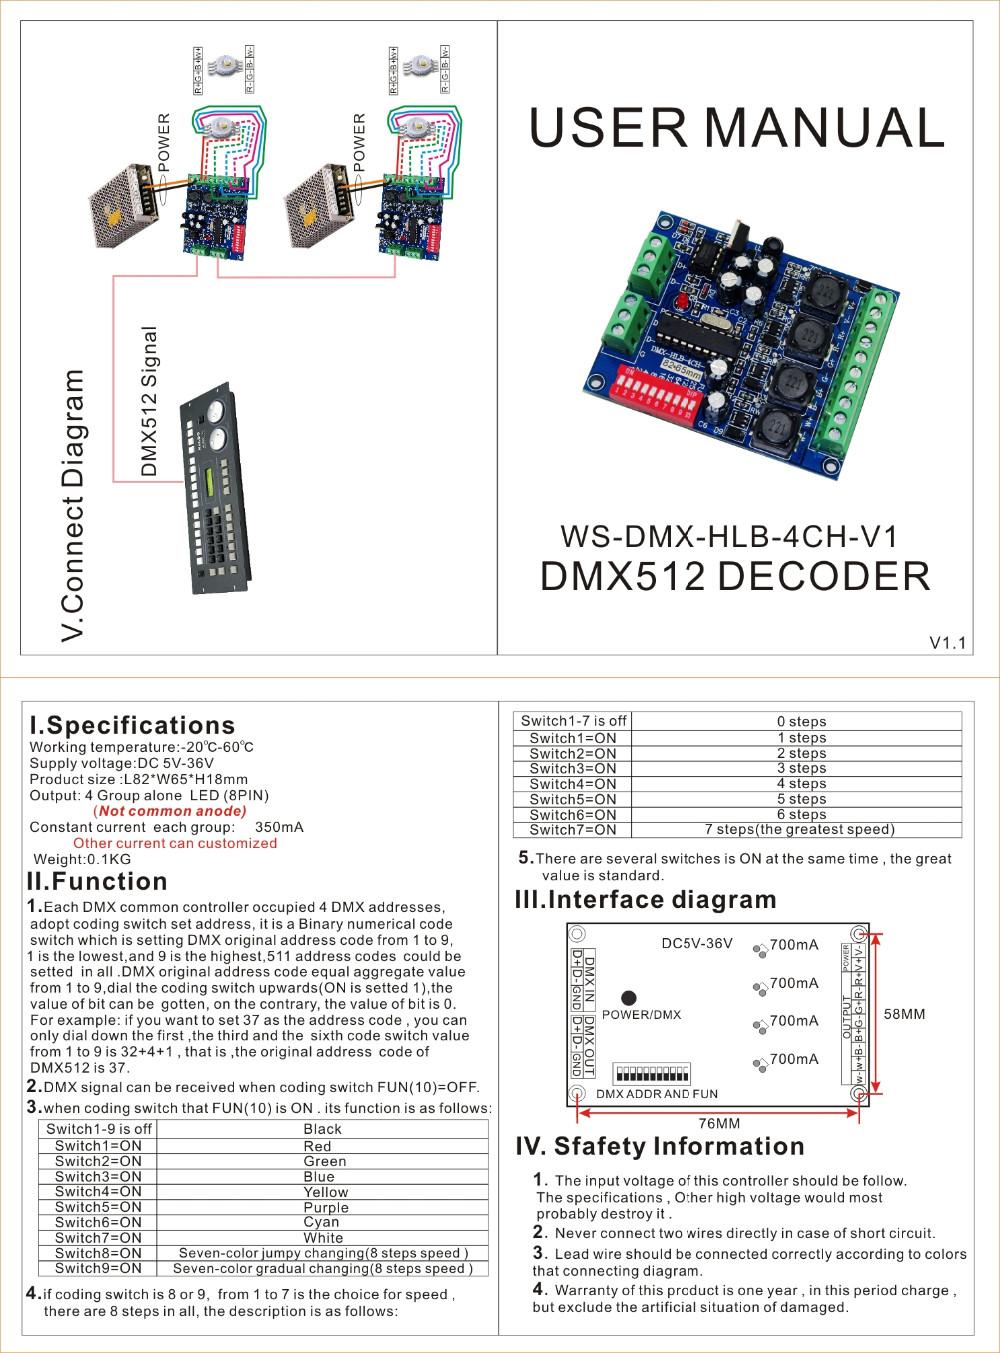 DMX_Controller_WS_DMX_HLB_4CH_350MA_1